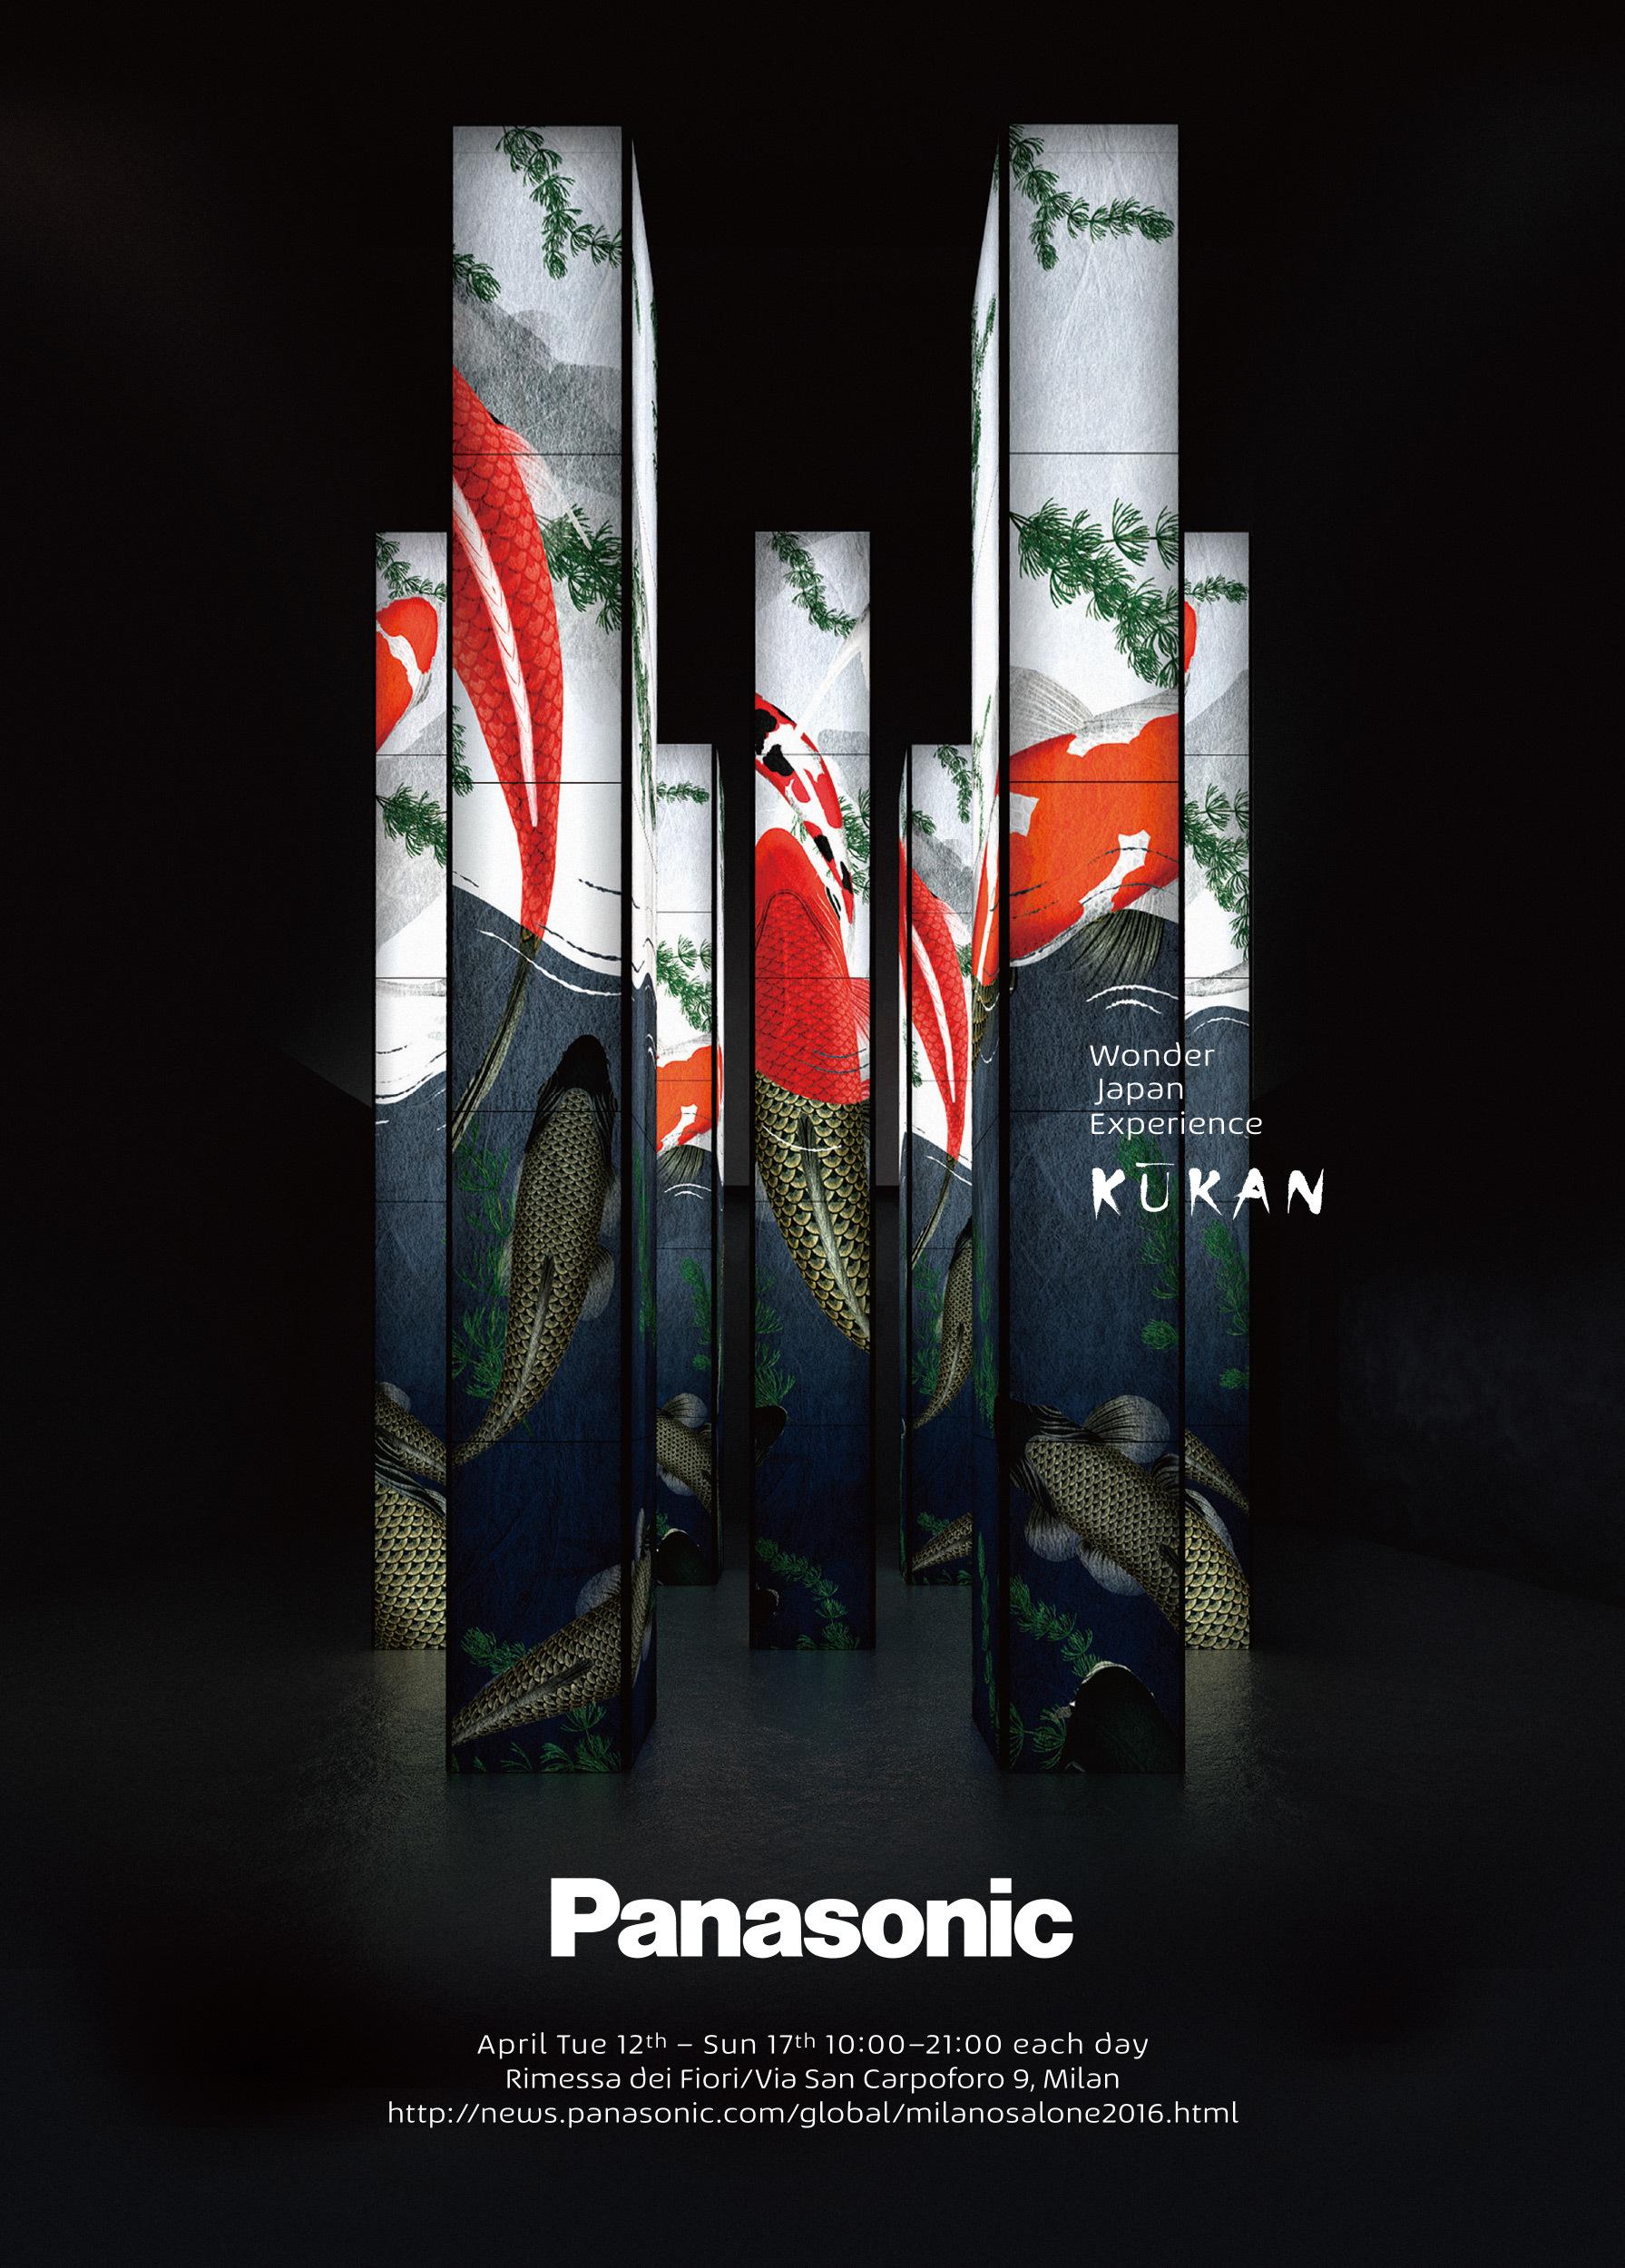 パナソニックが「ミラノサローネ 2016」に空間の発明をテーマに出展(写真は展示イメージ)